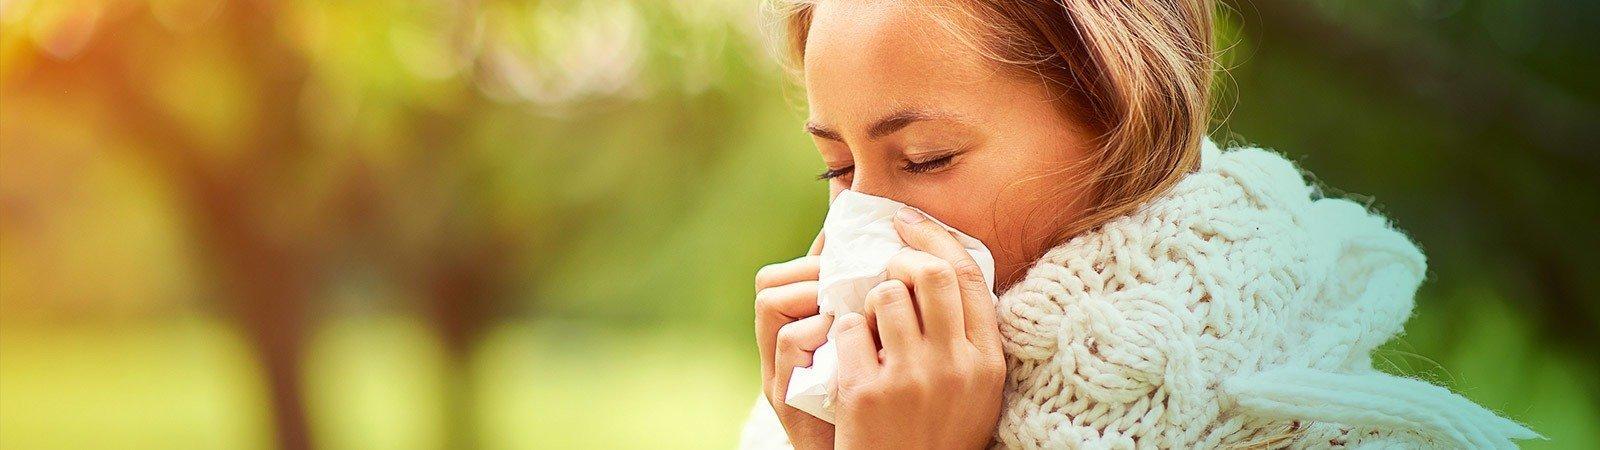 rimedi naturali per l'influenza 2019